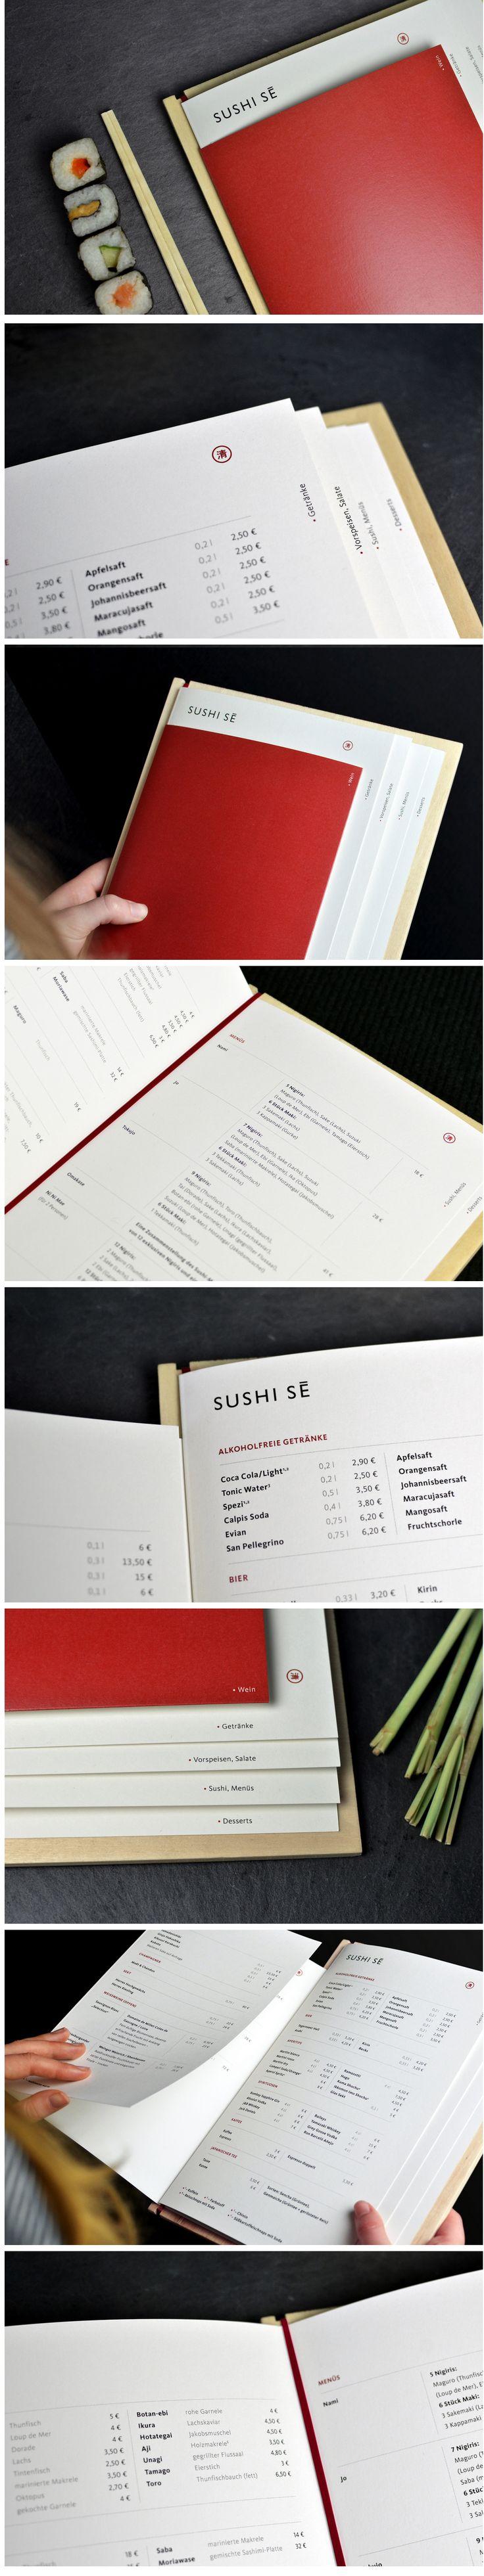 Sushi Sē Speisekarten                                                                                                                                                                                 Mehr